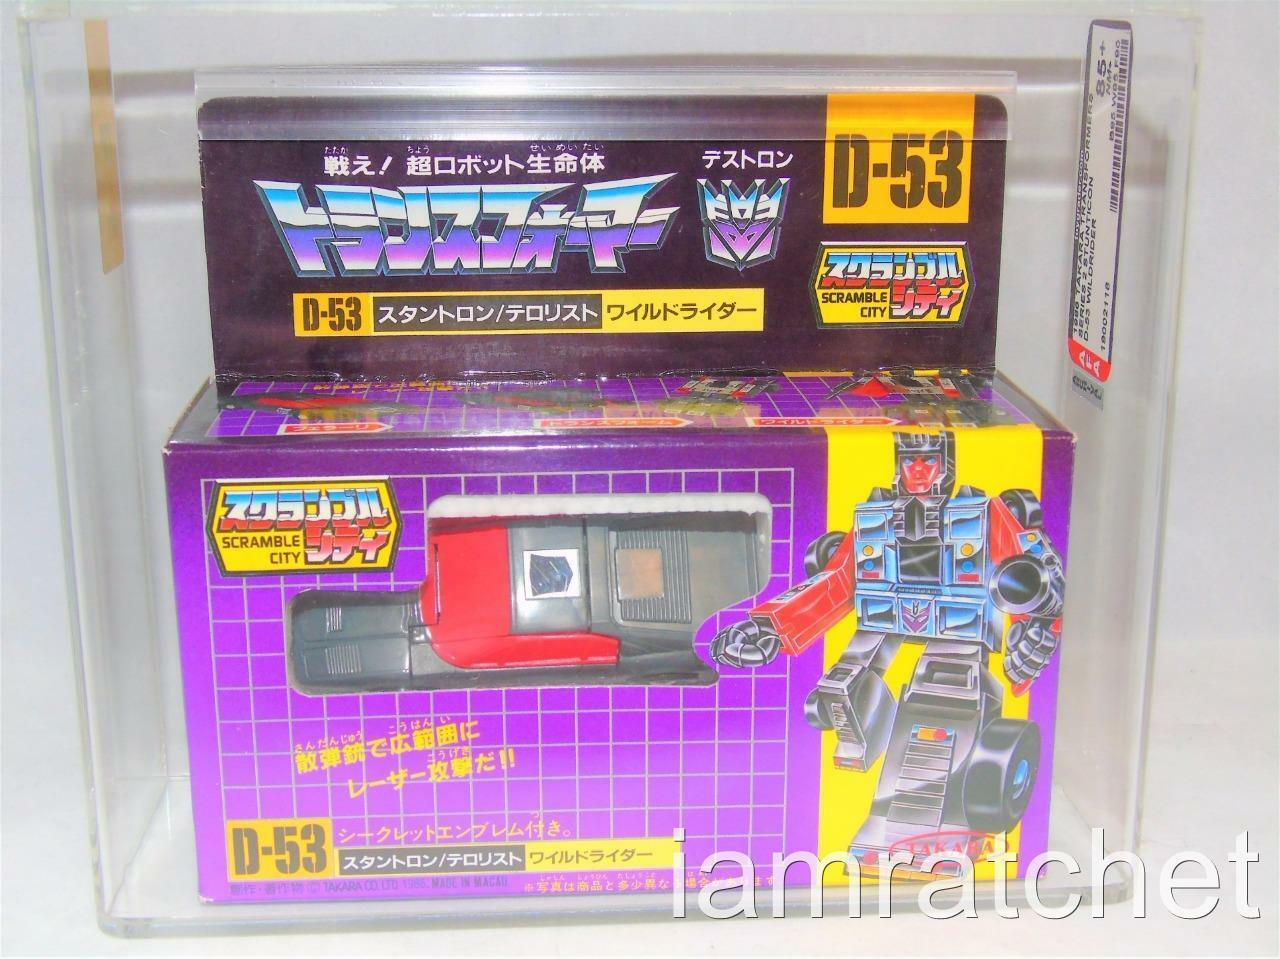 Transformers G1 Original autoridad Figura de Acción 85+ Takara D-53 Stunticon Wildrider Menta en caja sellada 85 85 90